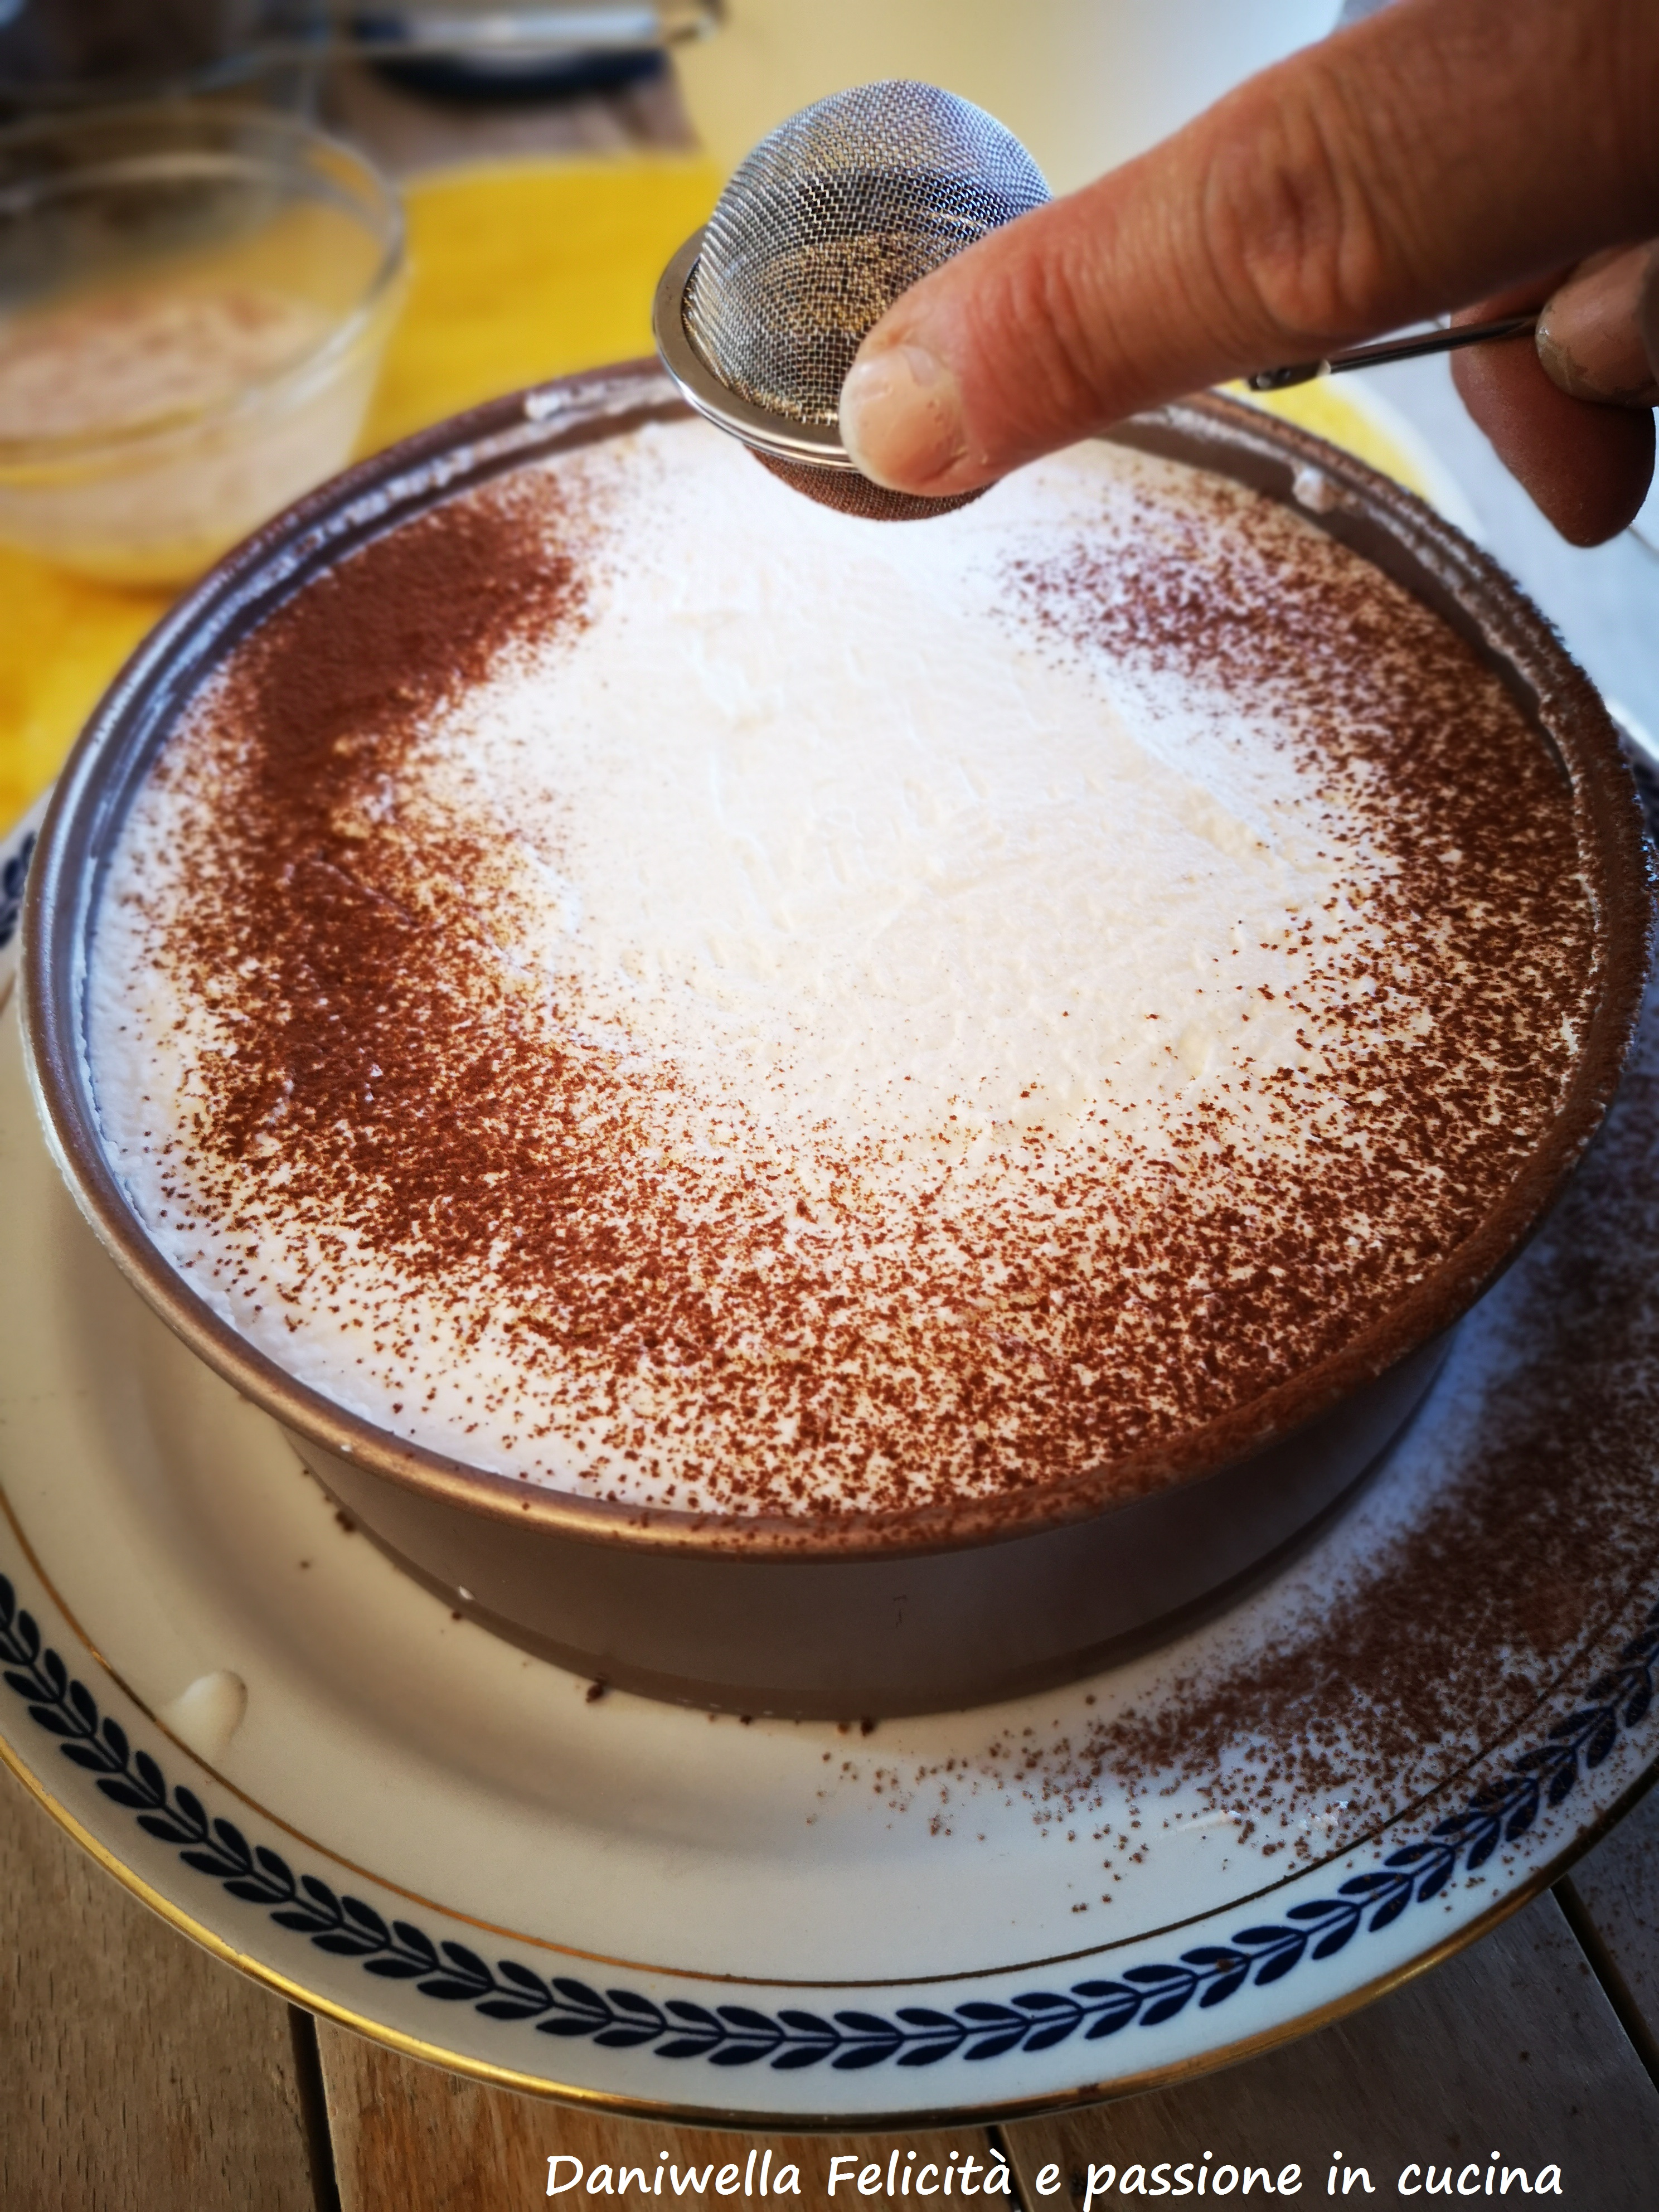 Ricoprite con l'ultimo strato di panna. Spolverizzate la superficie con il cacao amaro. Pulite i bordi del piatto dal cacao amaro caduto in eccedenza e mettete in frigorifero a rassodare.